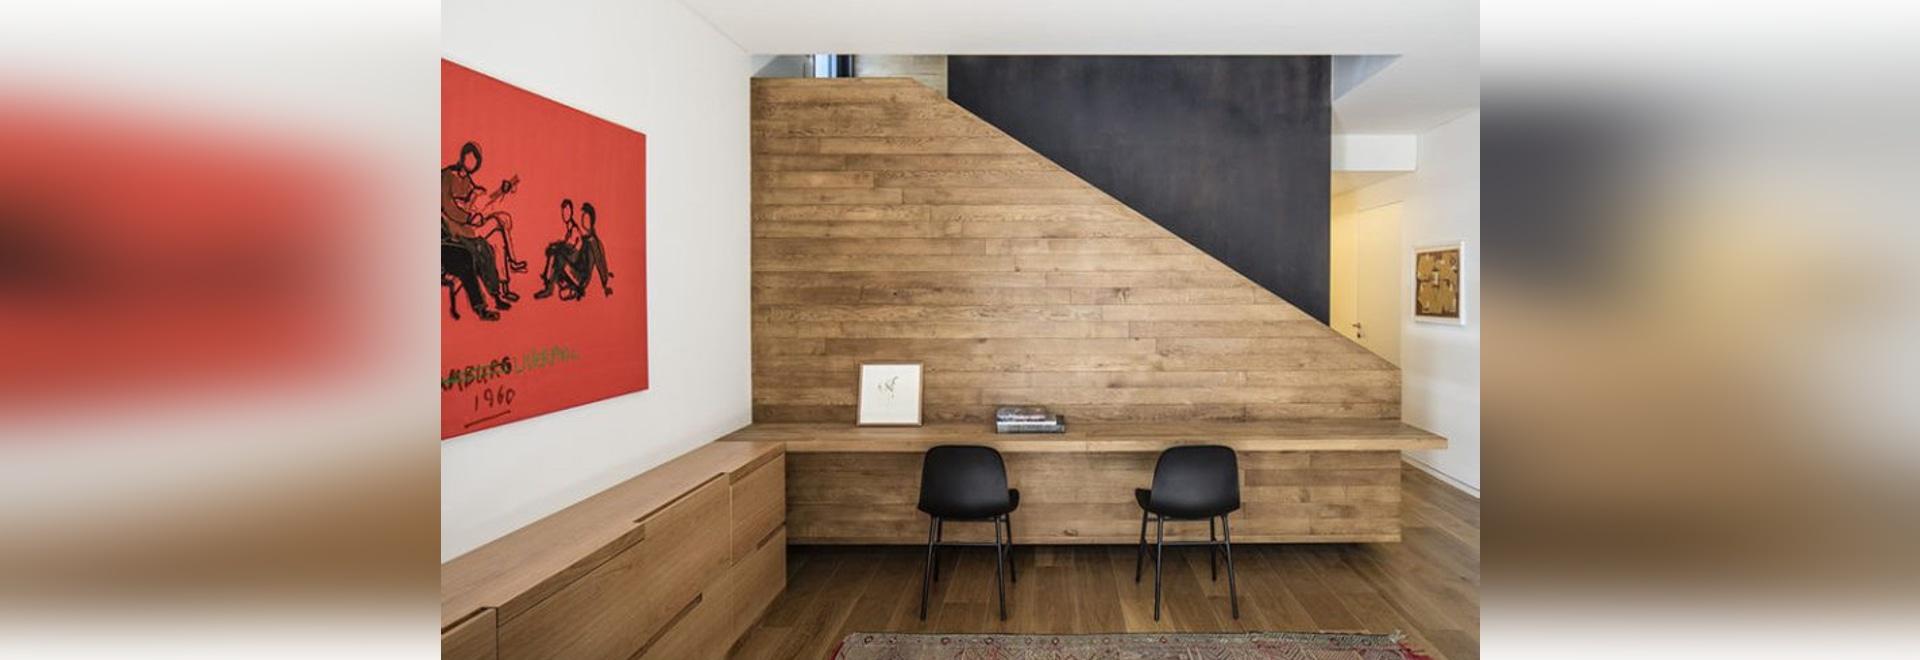 Las ideas del diseño interior – construya un escritorio en un espacio inusitado de la pared